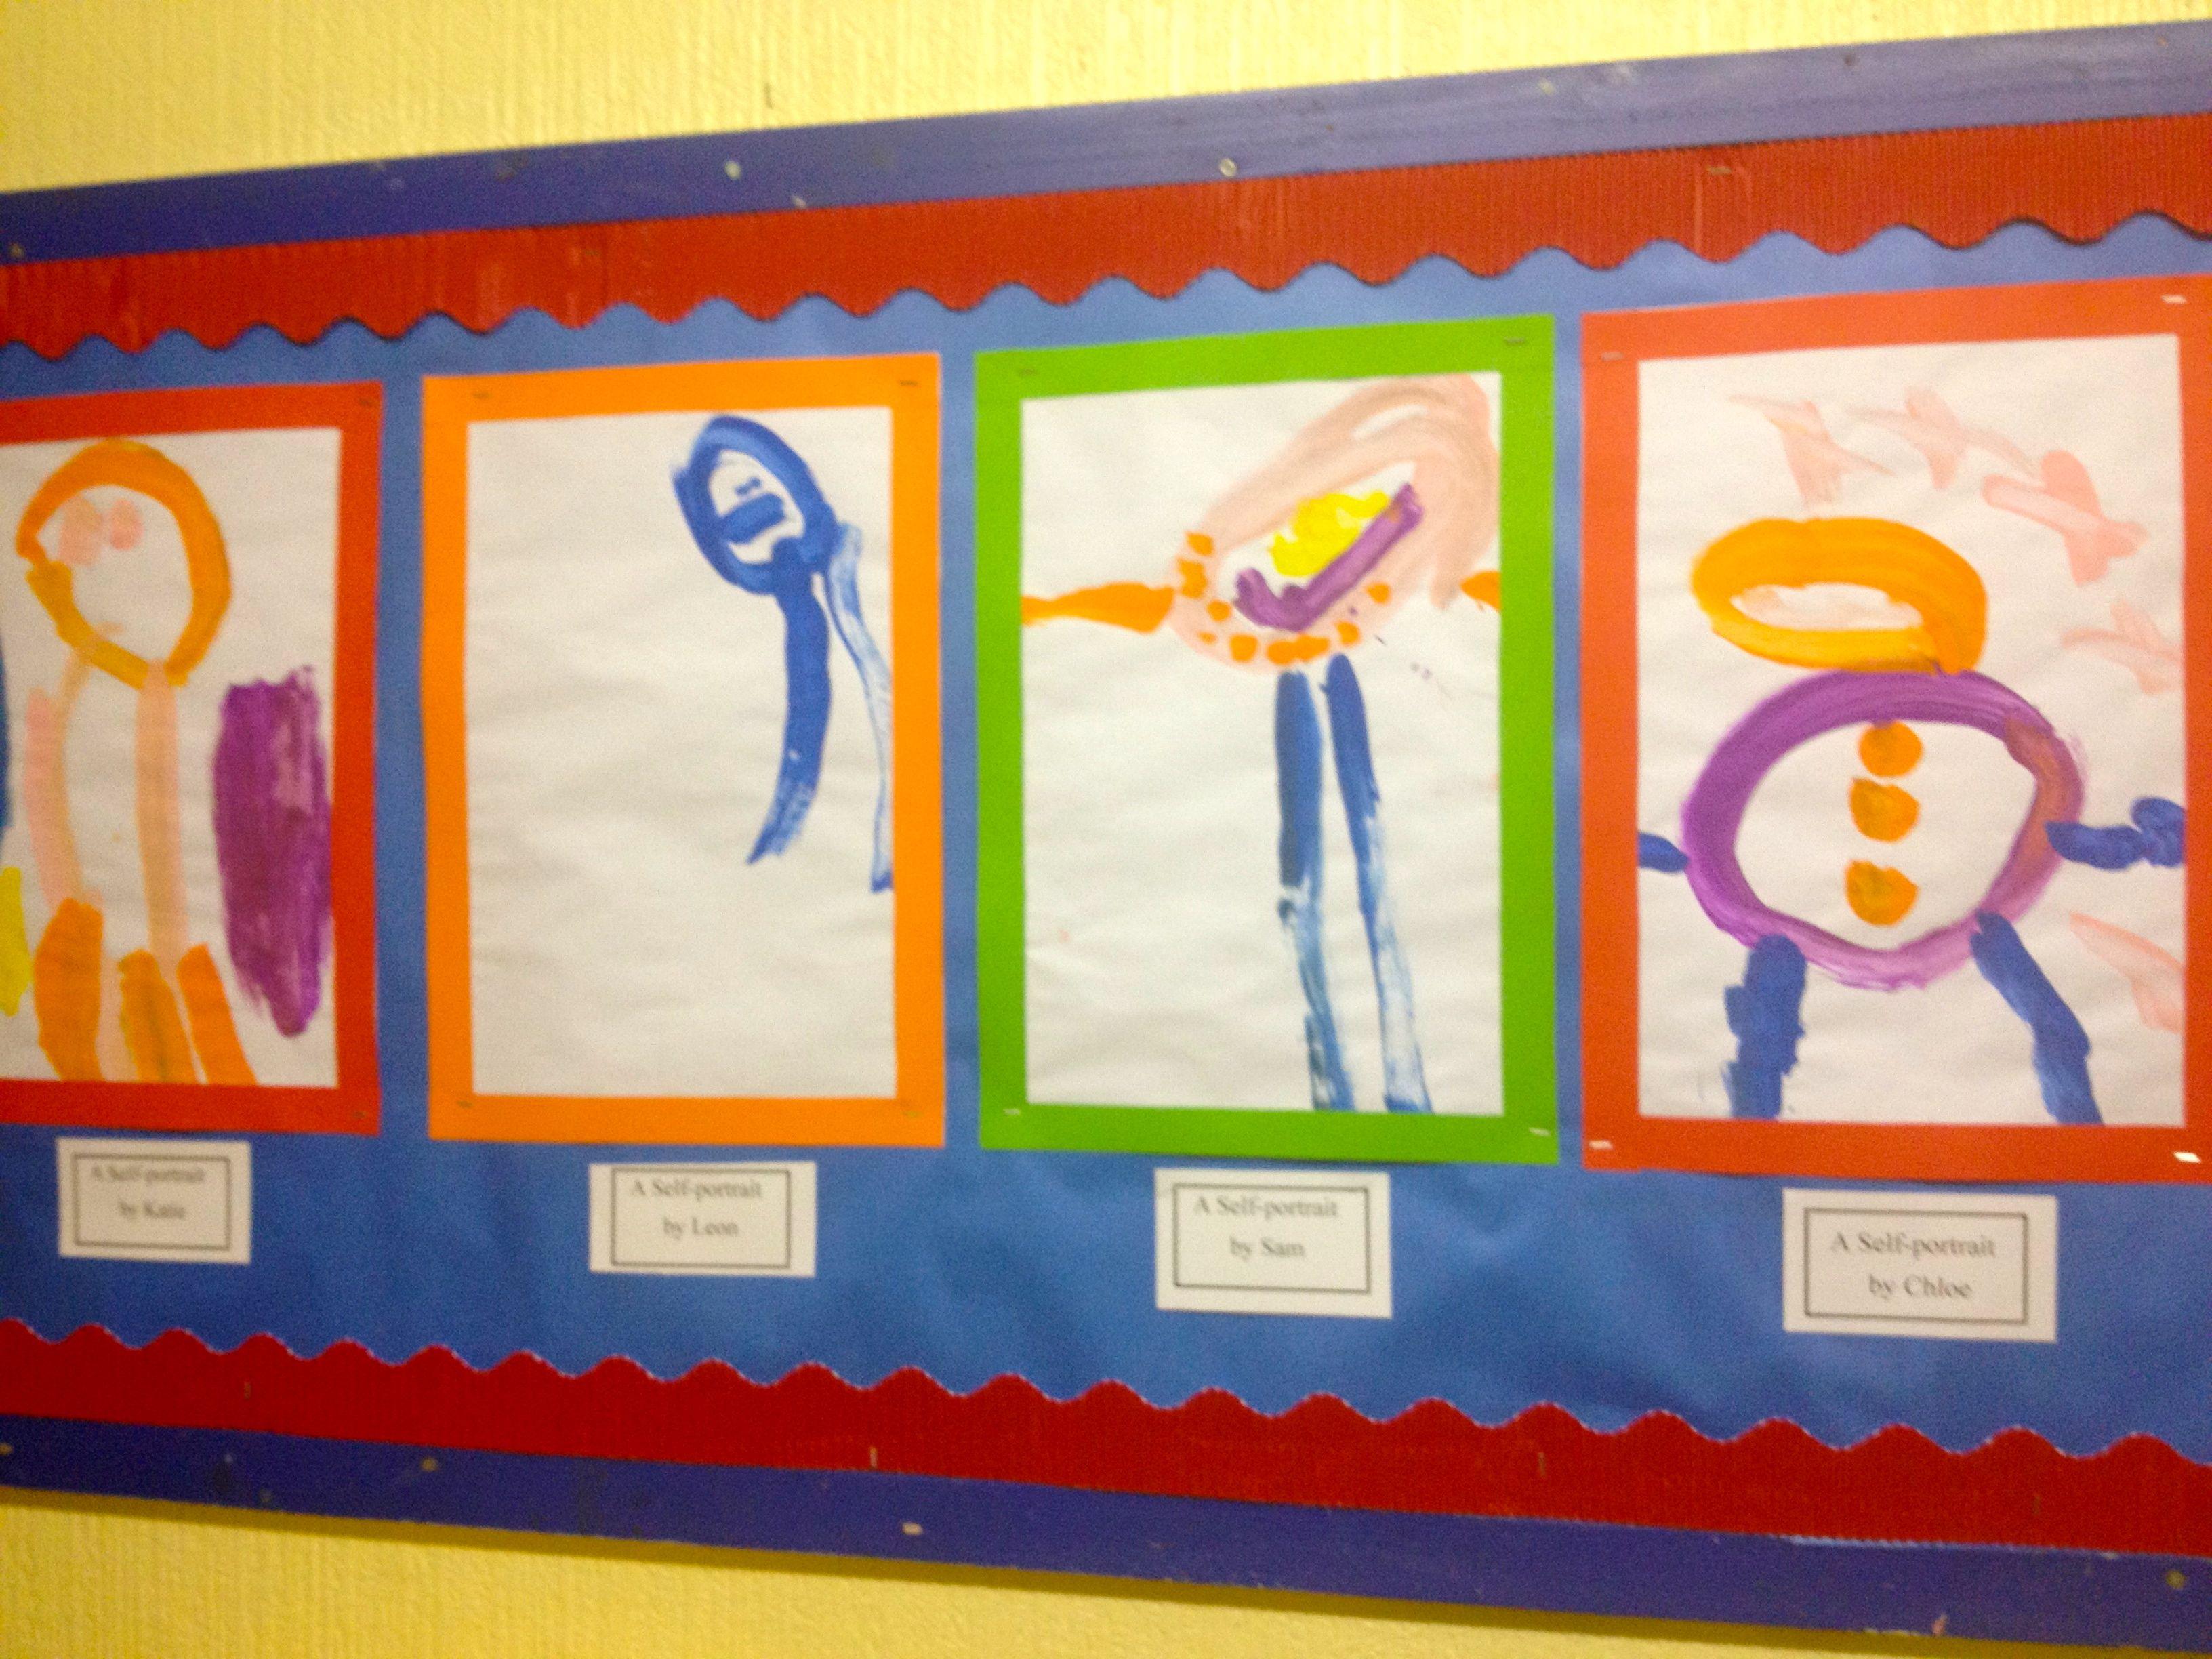 Best paint colors for preschool classrooms - Posts About Volcanoes In Preschool On Hedley Park Montessori School